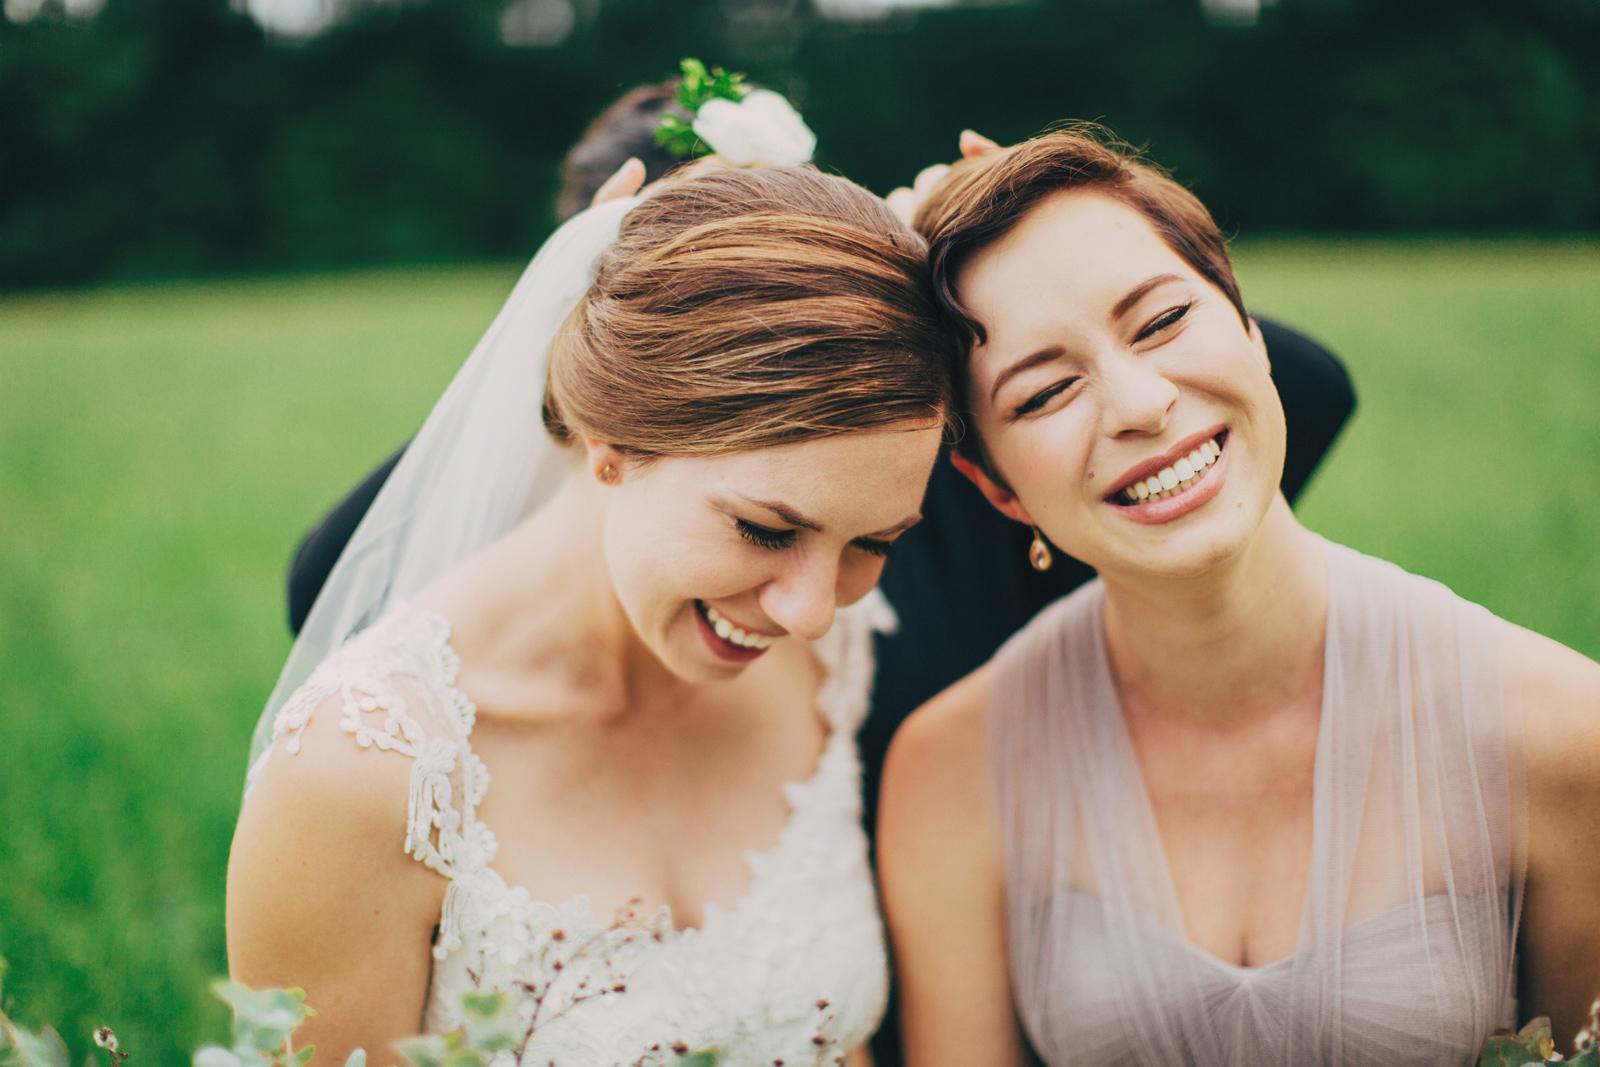 Hilary-&-Darren-Married---0481